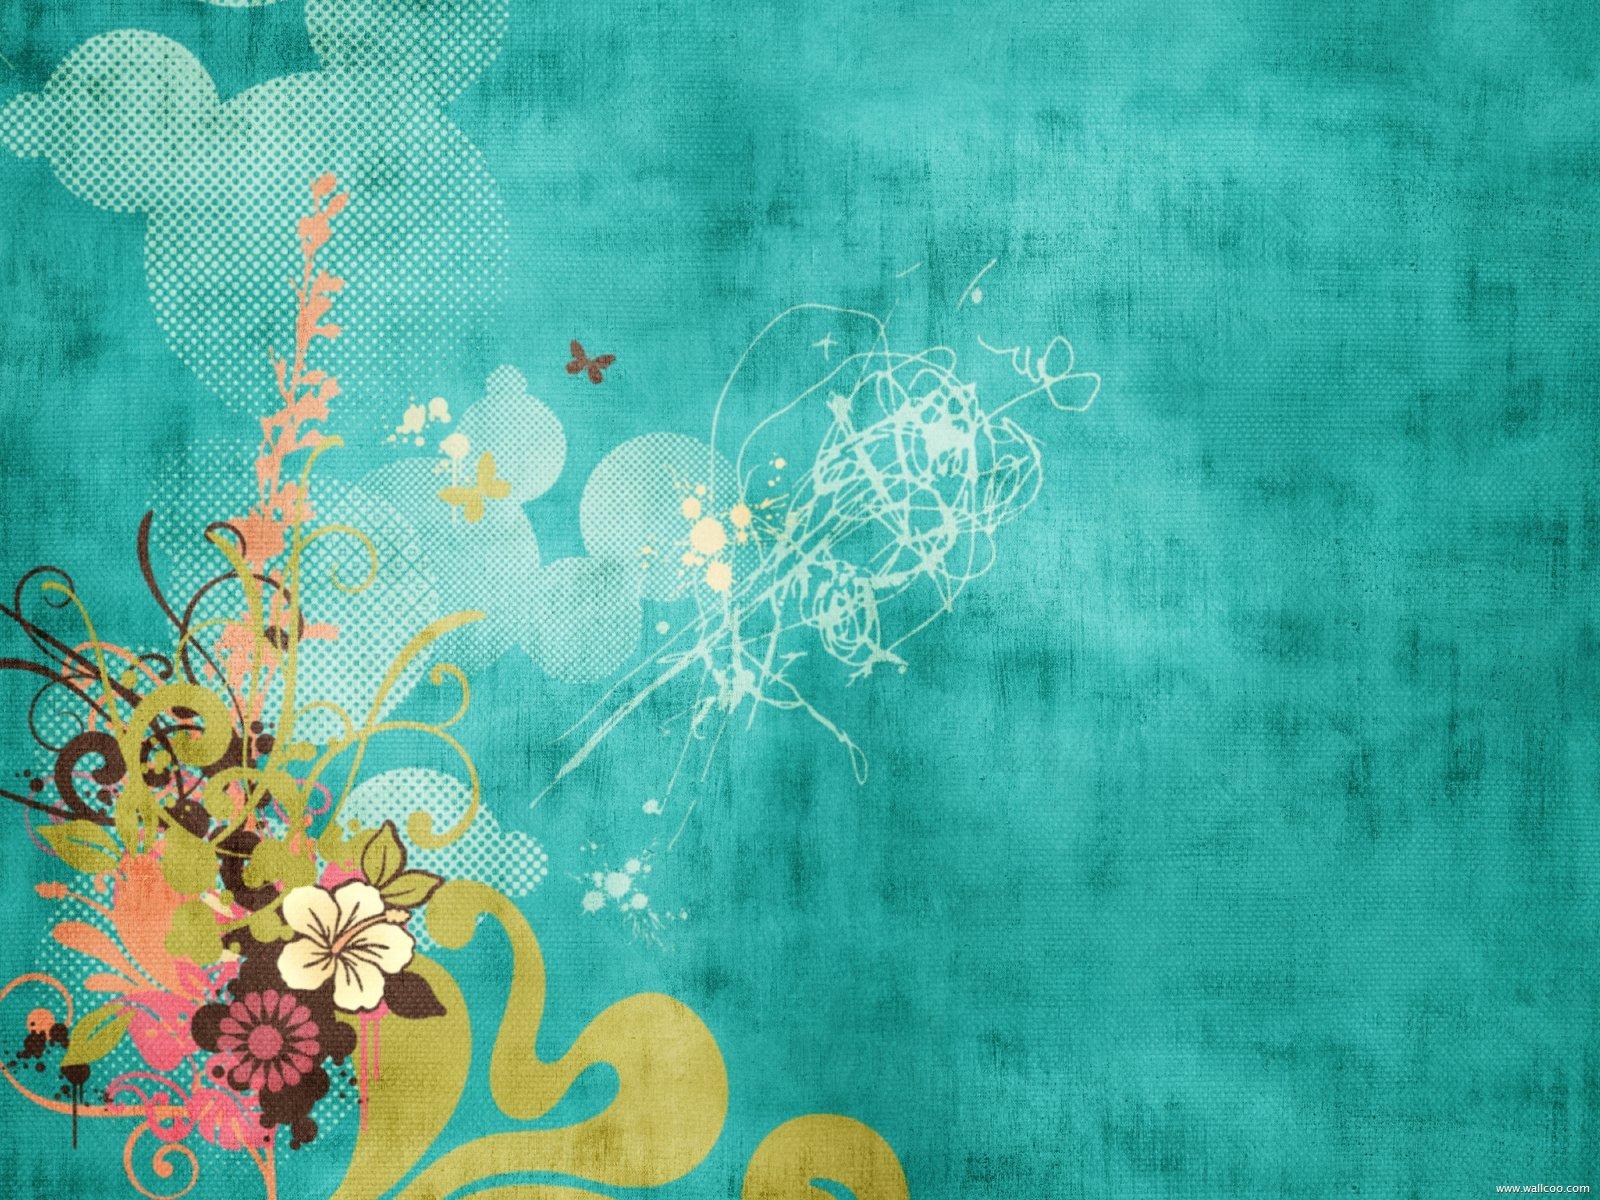 可爱的碎花背景高清图片素材专辑1(16p)[中国资源网